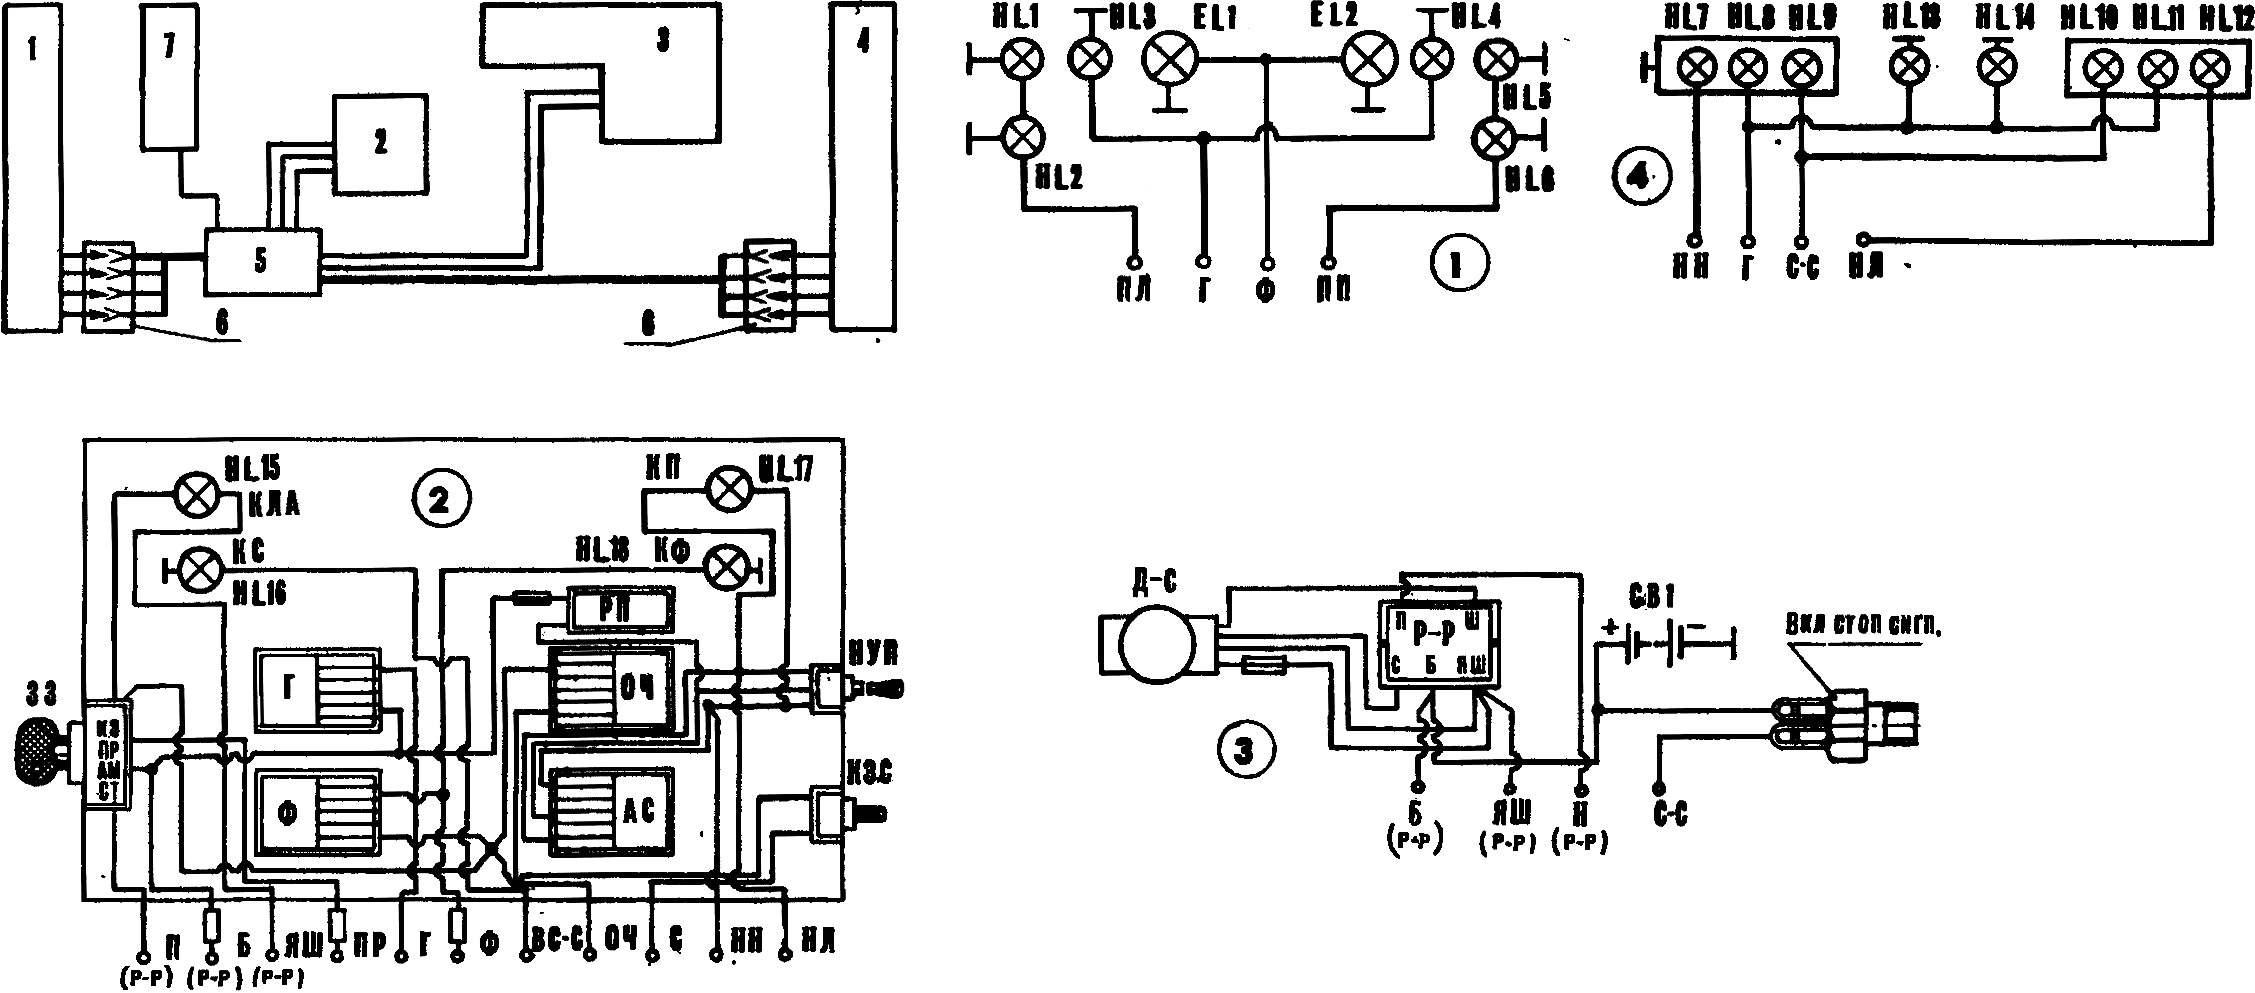 Рис. 9. Схема электрооборудования